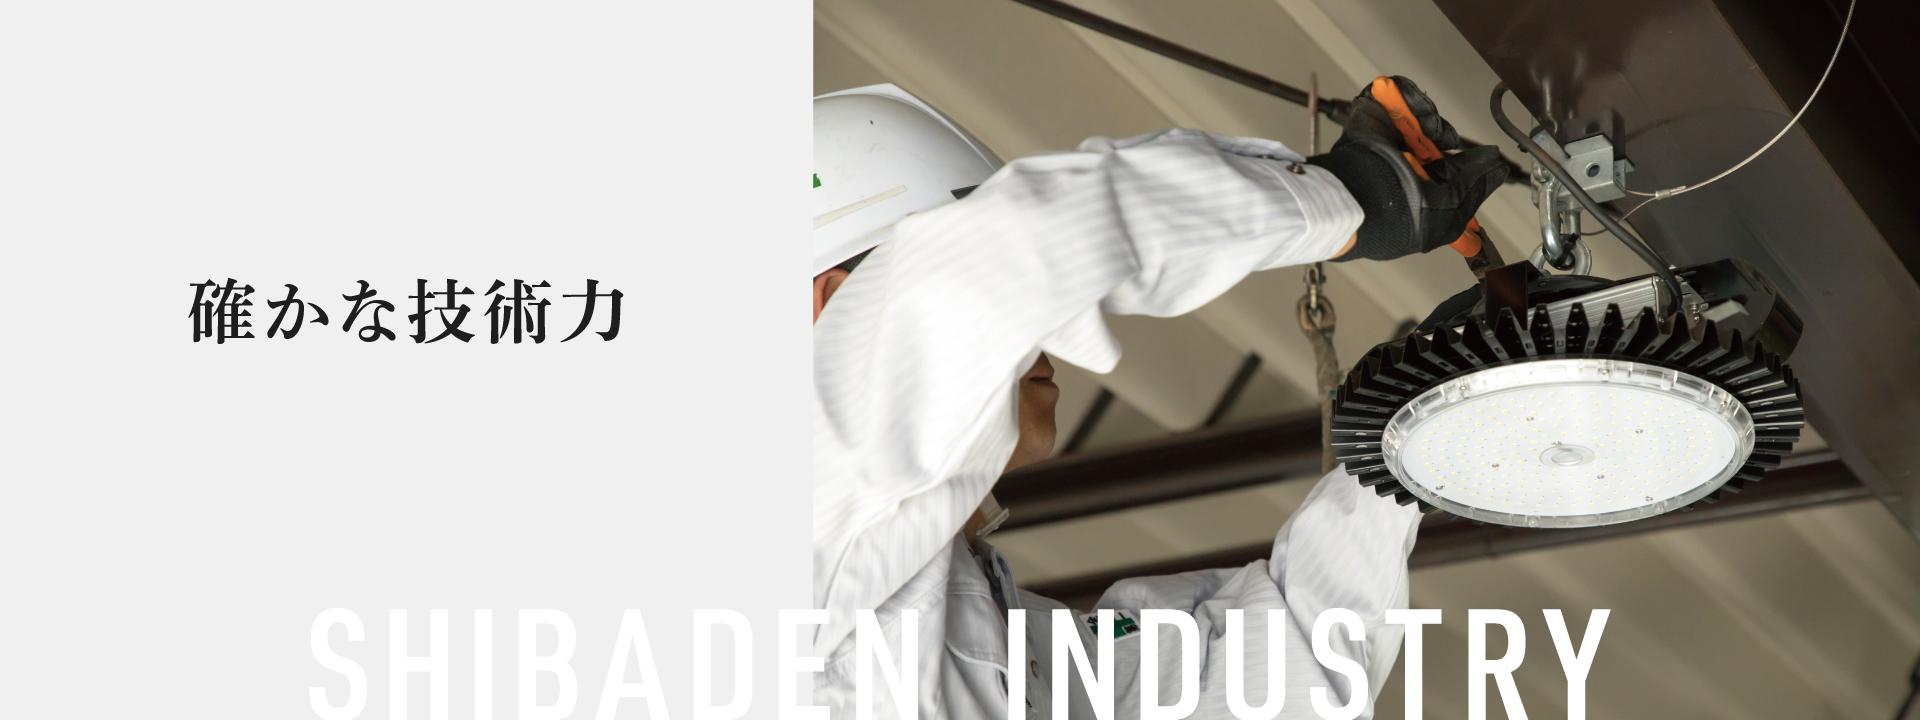 有限会社 柴電工業pc01